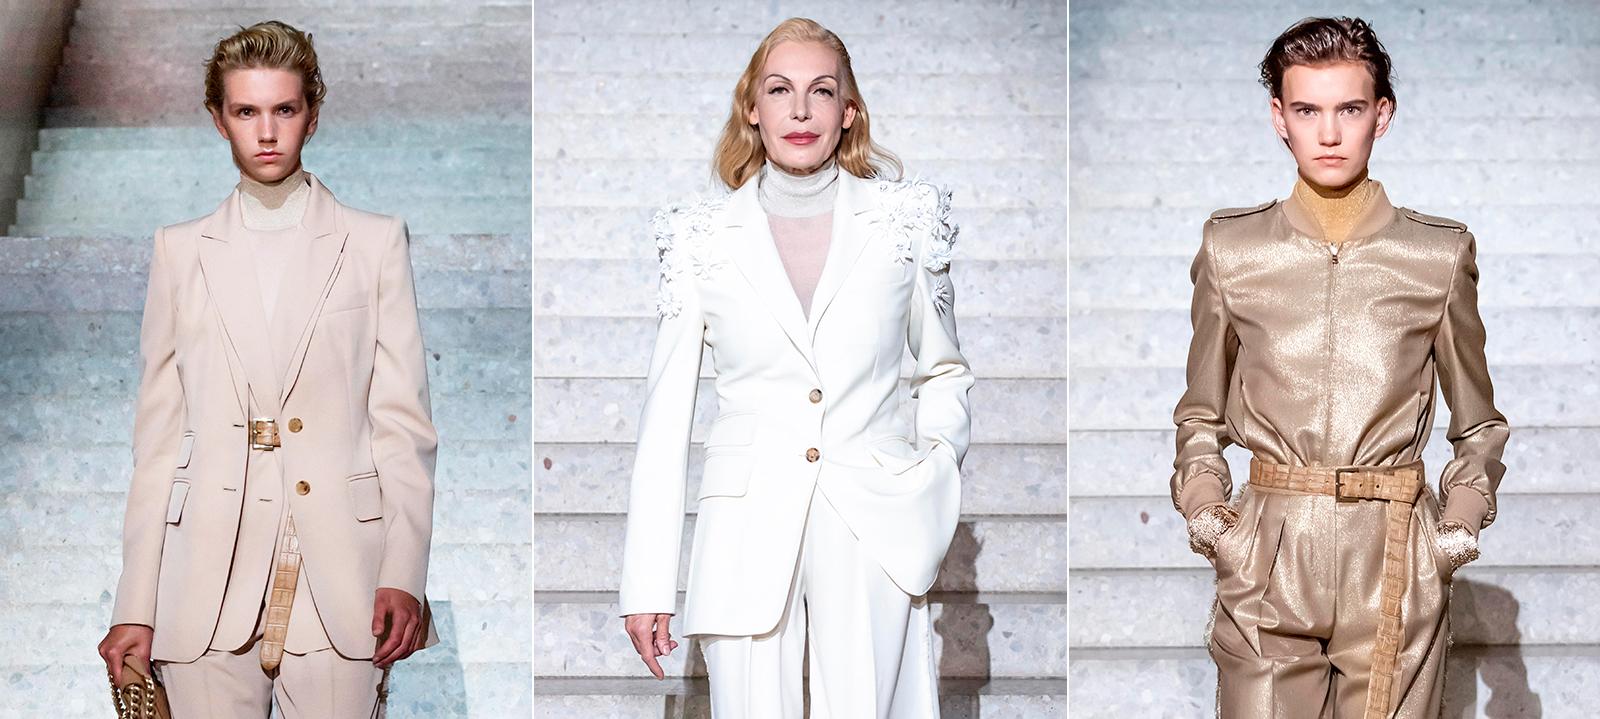 David Bowie y Marlene Dietrich inspiran la colección crucero de Max Mara